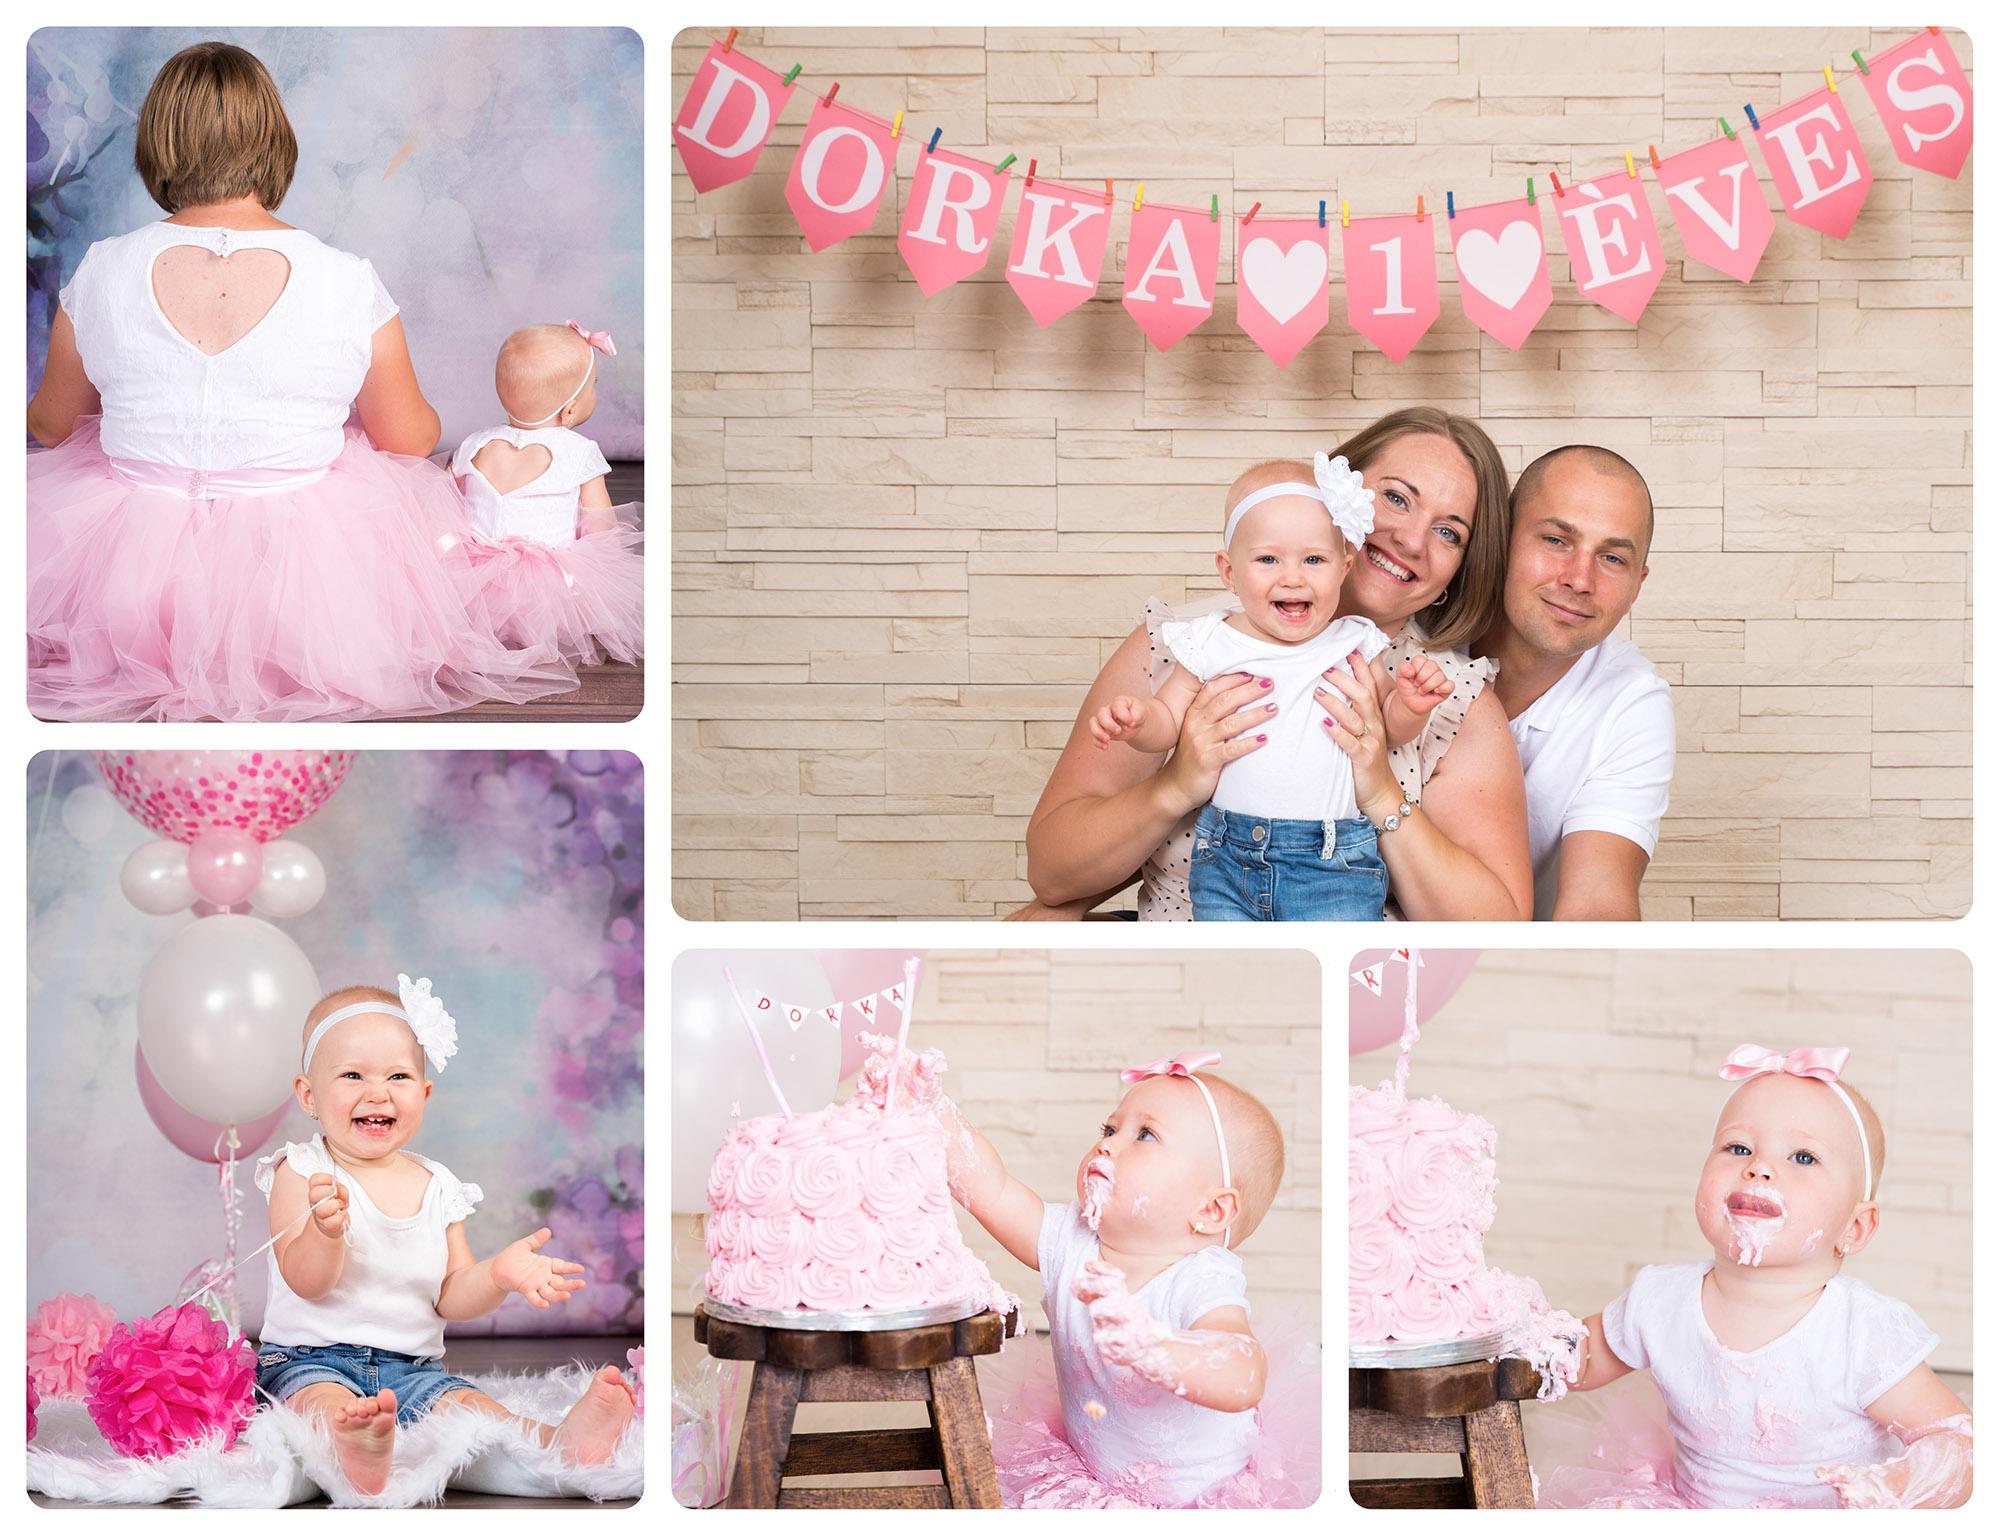 első szülinap fotózás